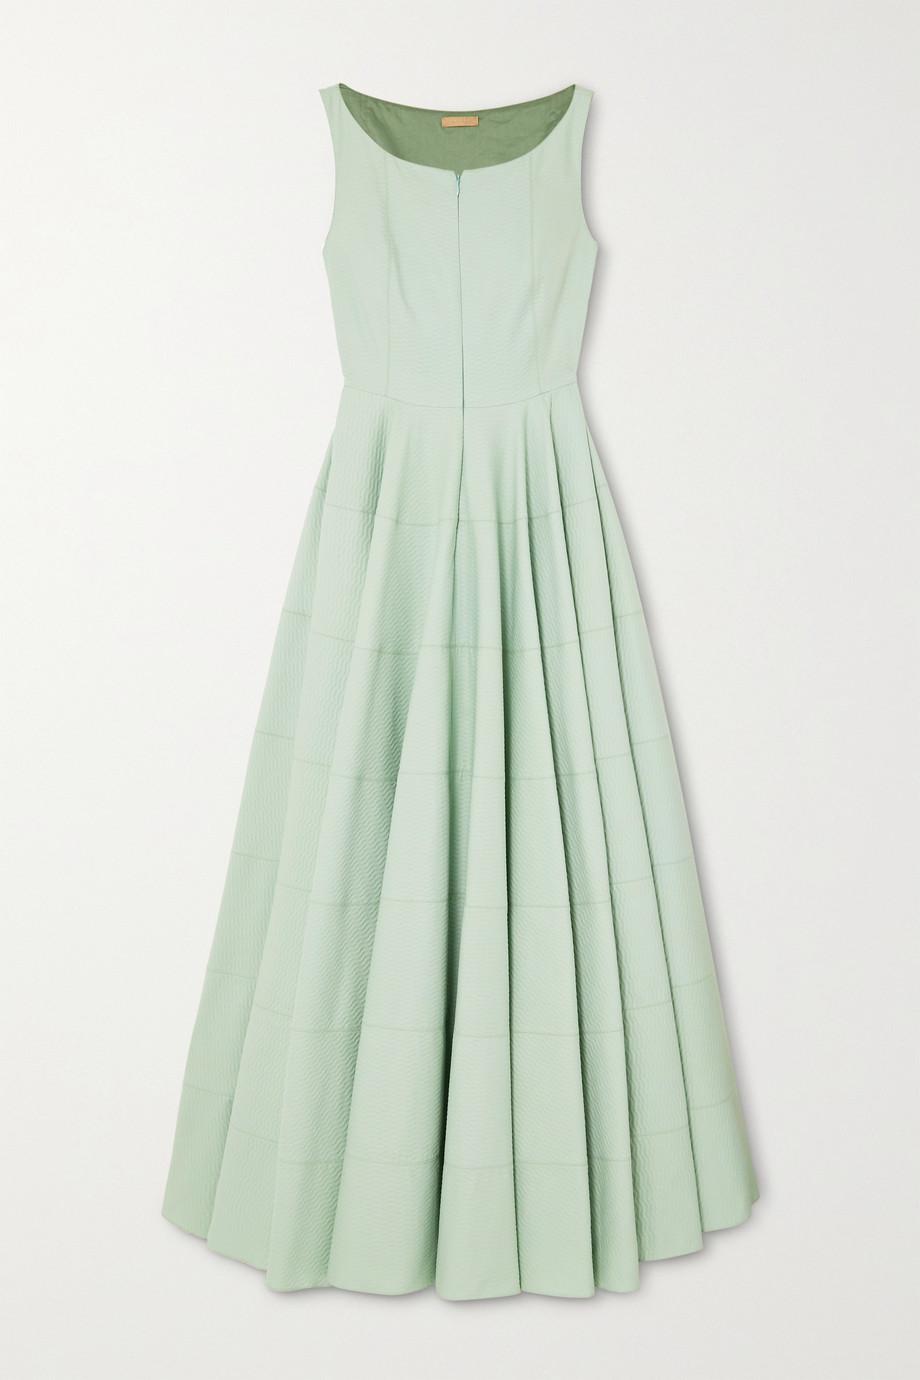 Alaïa Cotton-jacquard midi dress